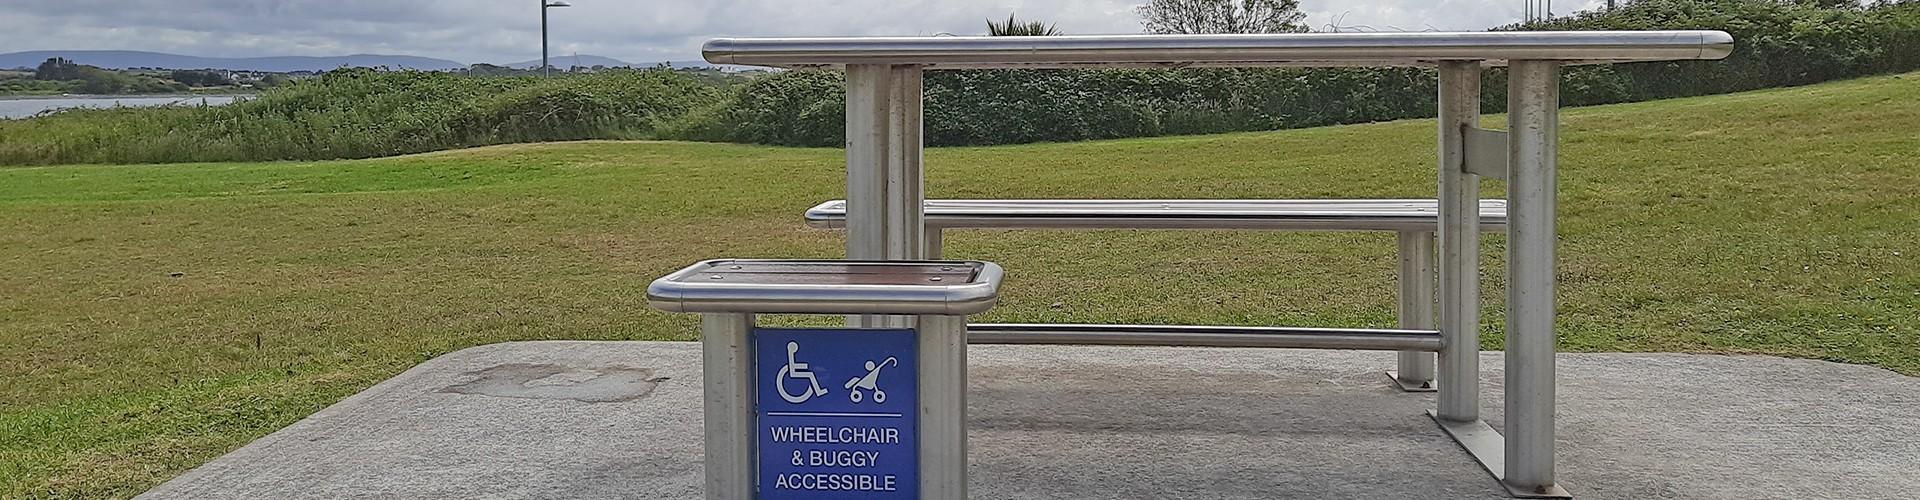 Ein Picknicktisch aus Edelstahl von der Seite. Man sieht dass nur auf einer Seite eine durchgehende Sitzbank ist, auf der anderen Seite ist ein kleiner Sitz, daneben Freiraum. Unter dem Sitz ein Schild Wheelchair and Buggy accessible